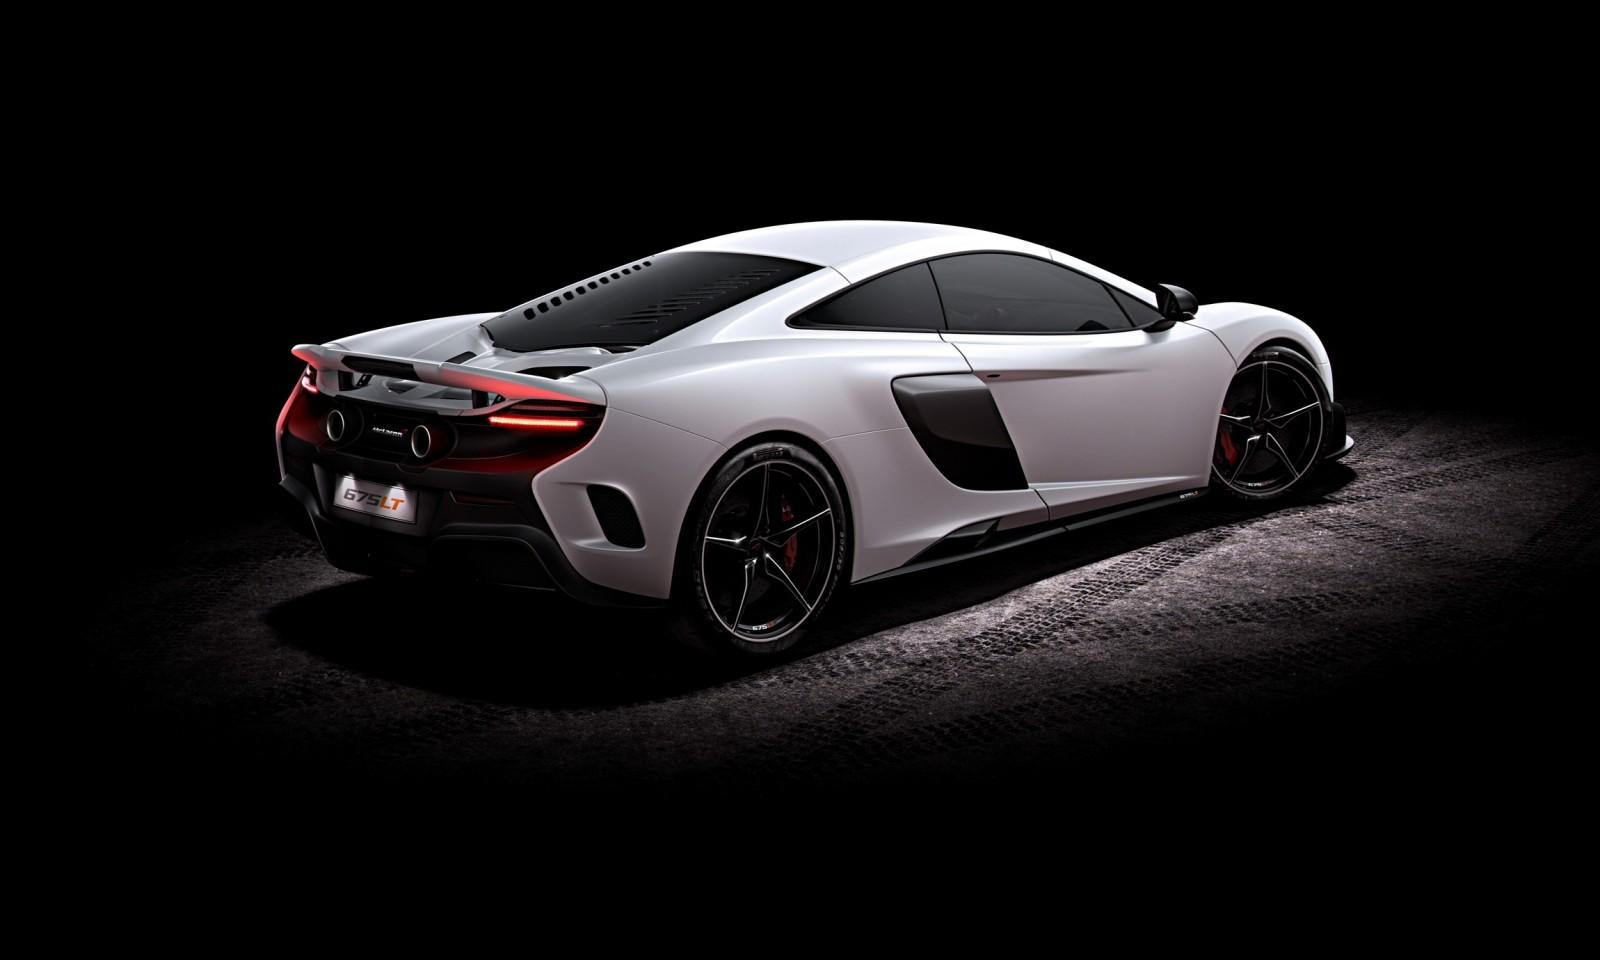 2015 McLaren 675LT 8